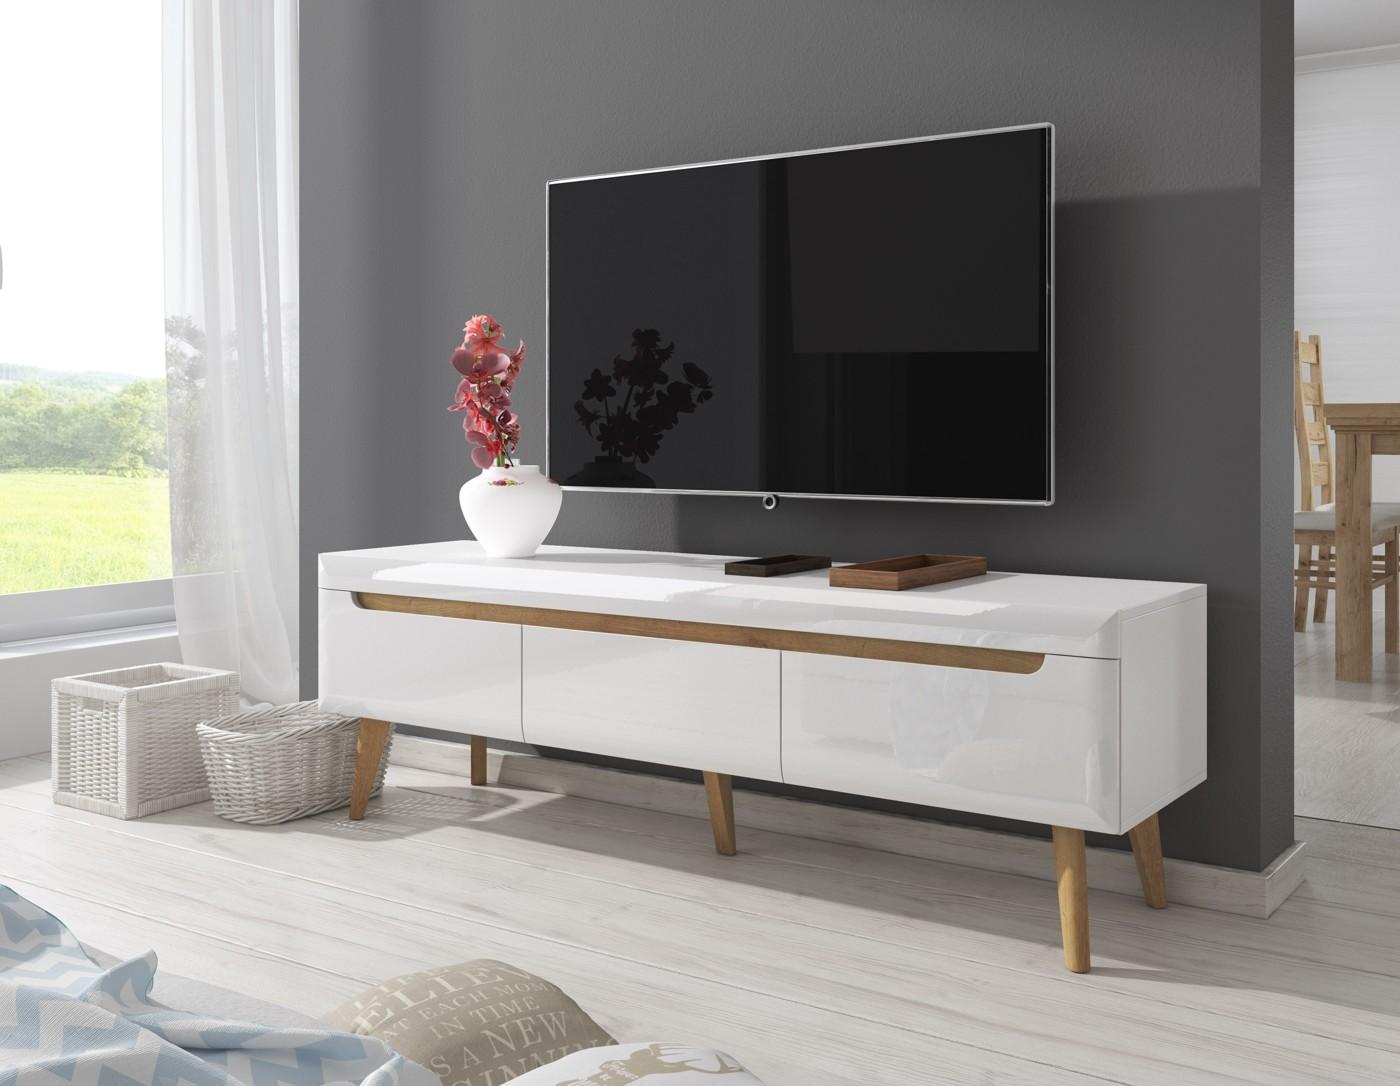 tv meubel nebraska wit eiken 160 cm meubella. Black Bedroom Furniture Sets. Home Design Ideas